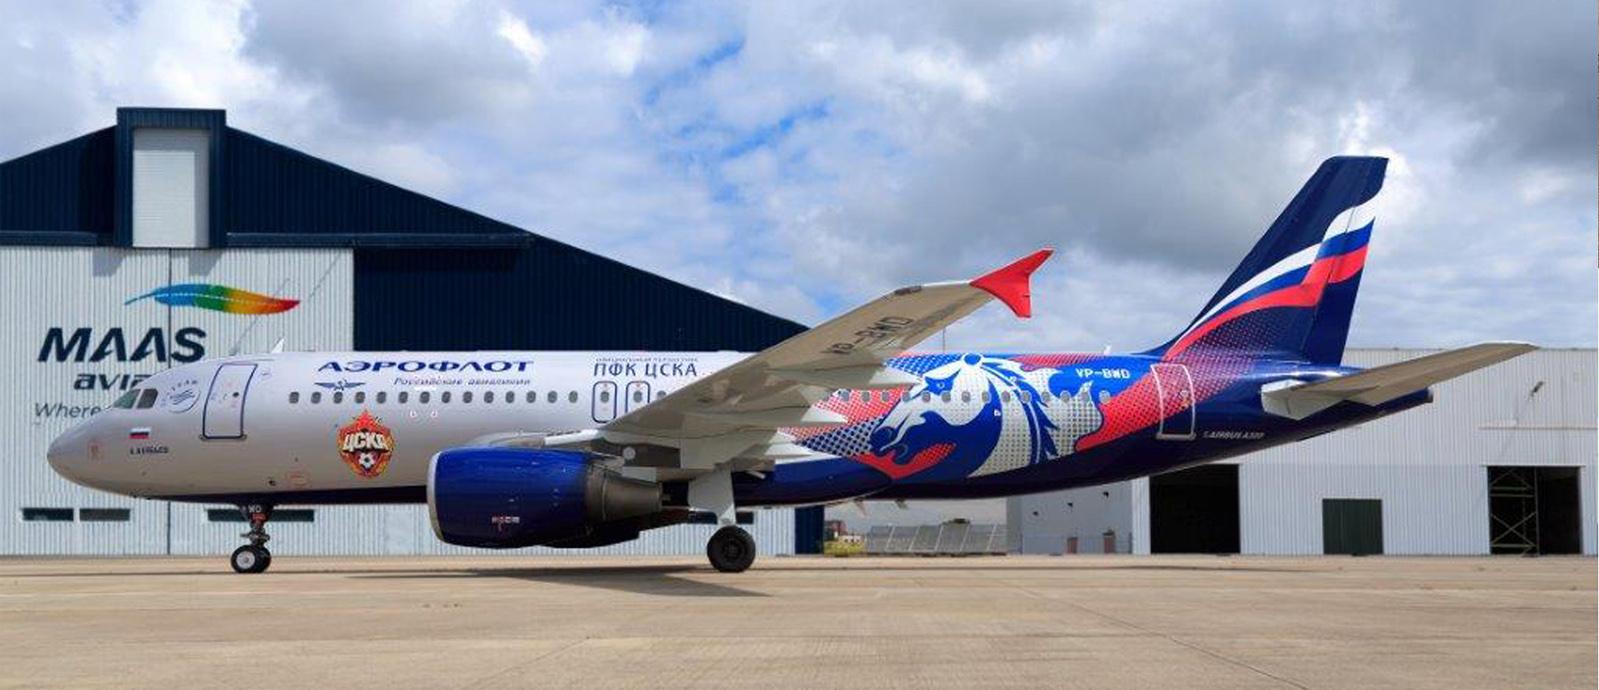 CSKA Livery for Aeroflot